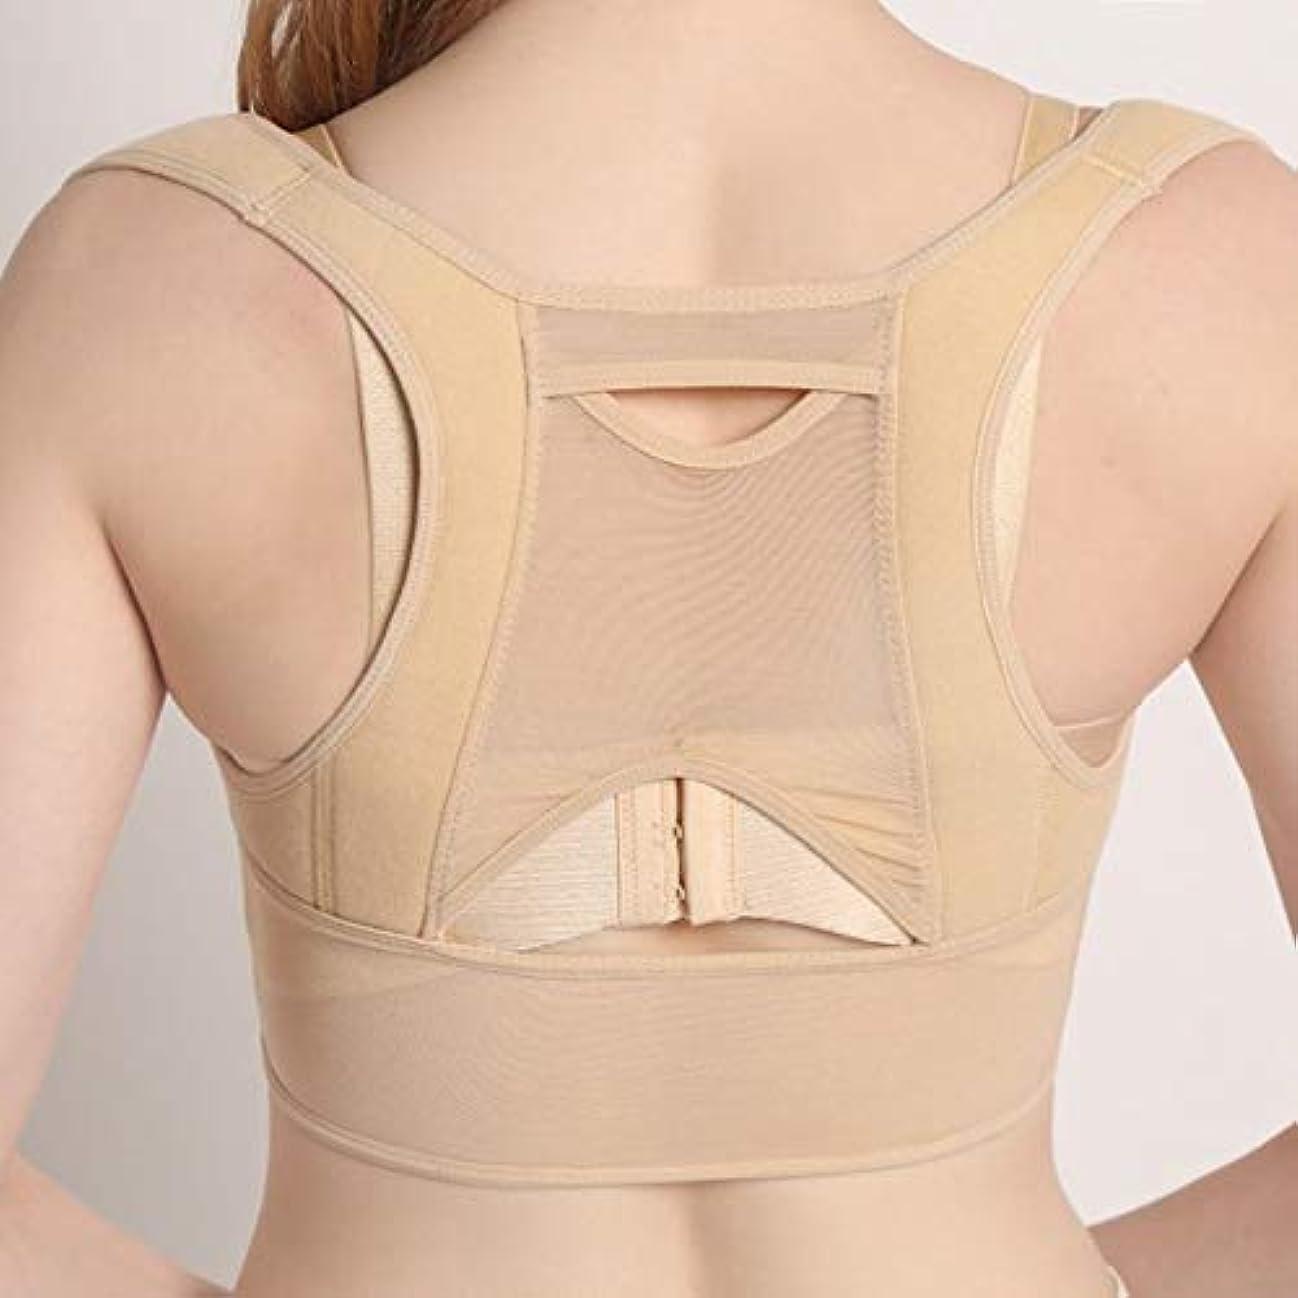 慣性不平を言う通気性のある女性の背中の姿勢矯正コルセット整形外科の肩の背骨の姿勢矯正腰椎サポート - ベージュホワイトM